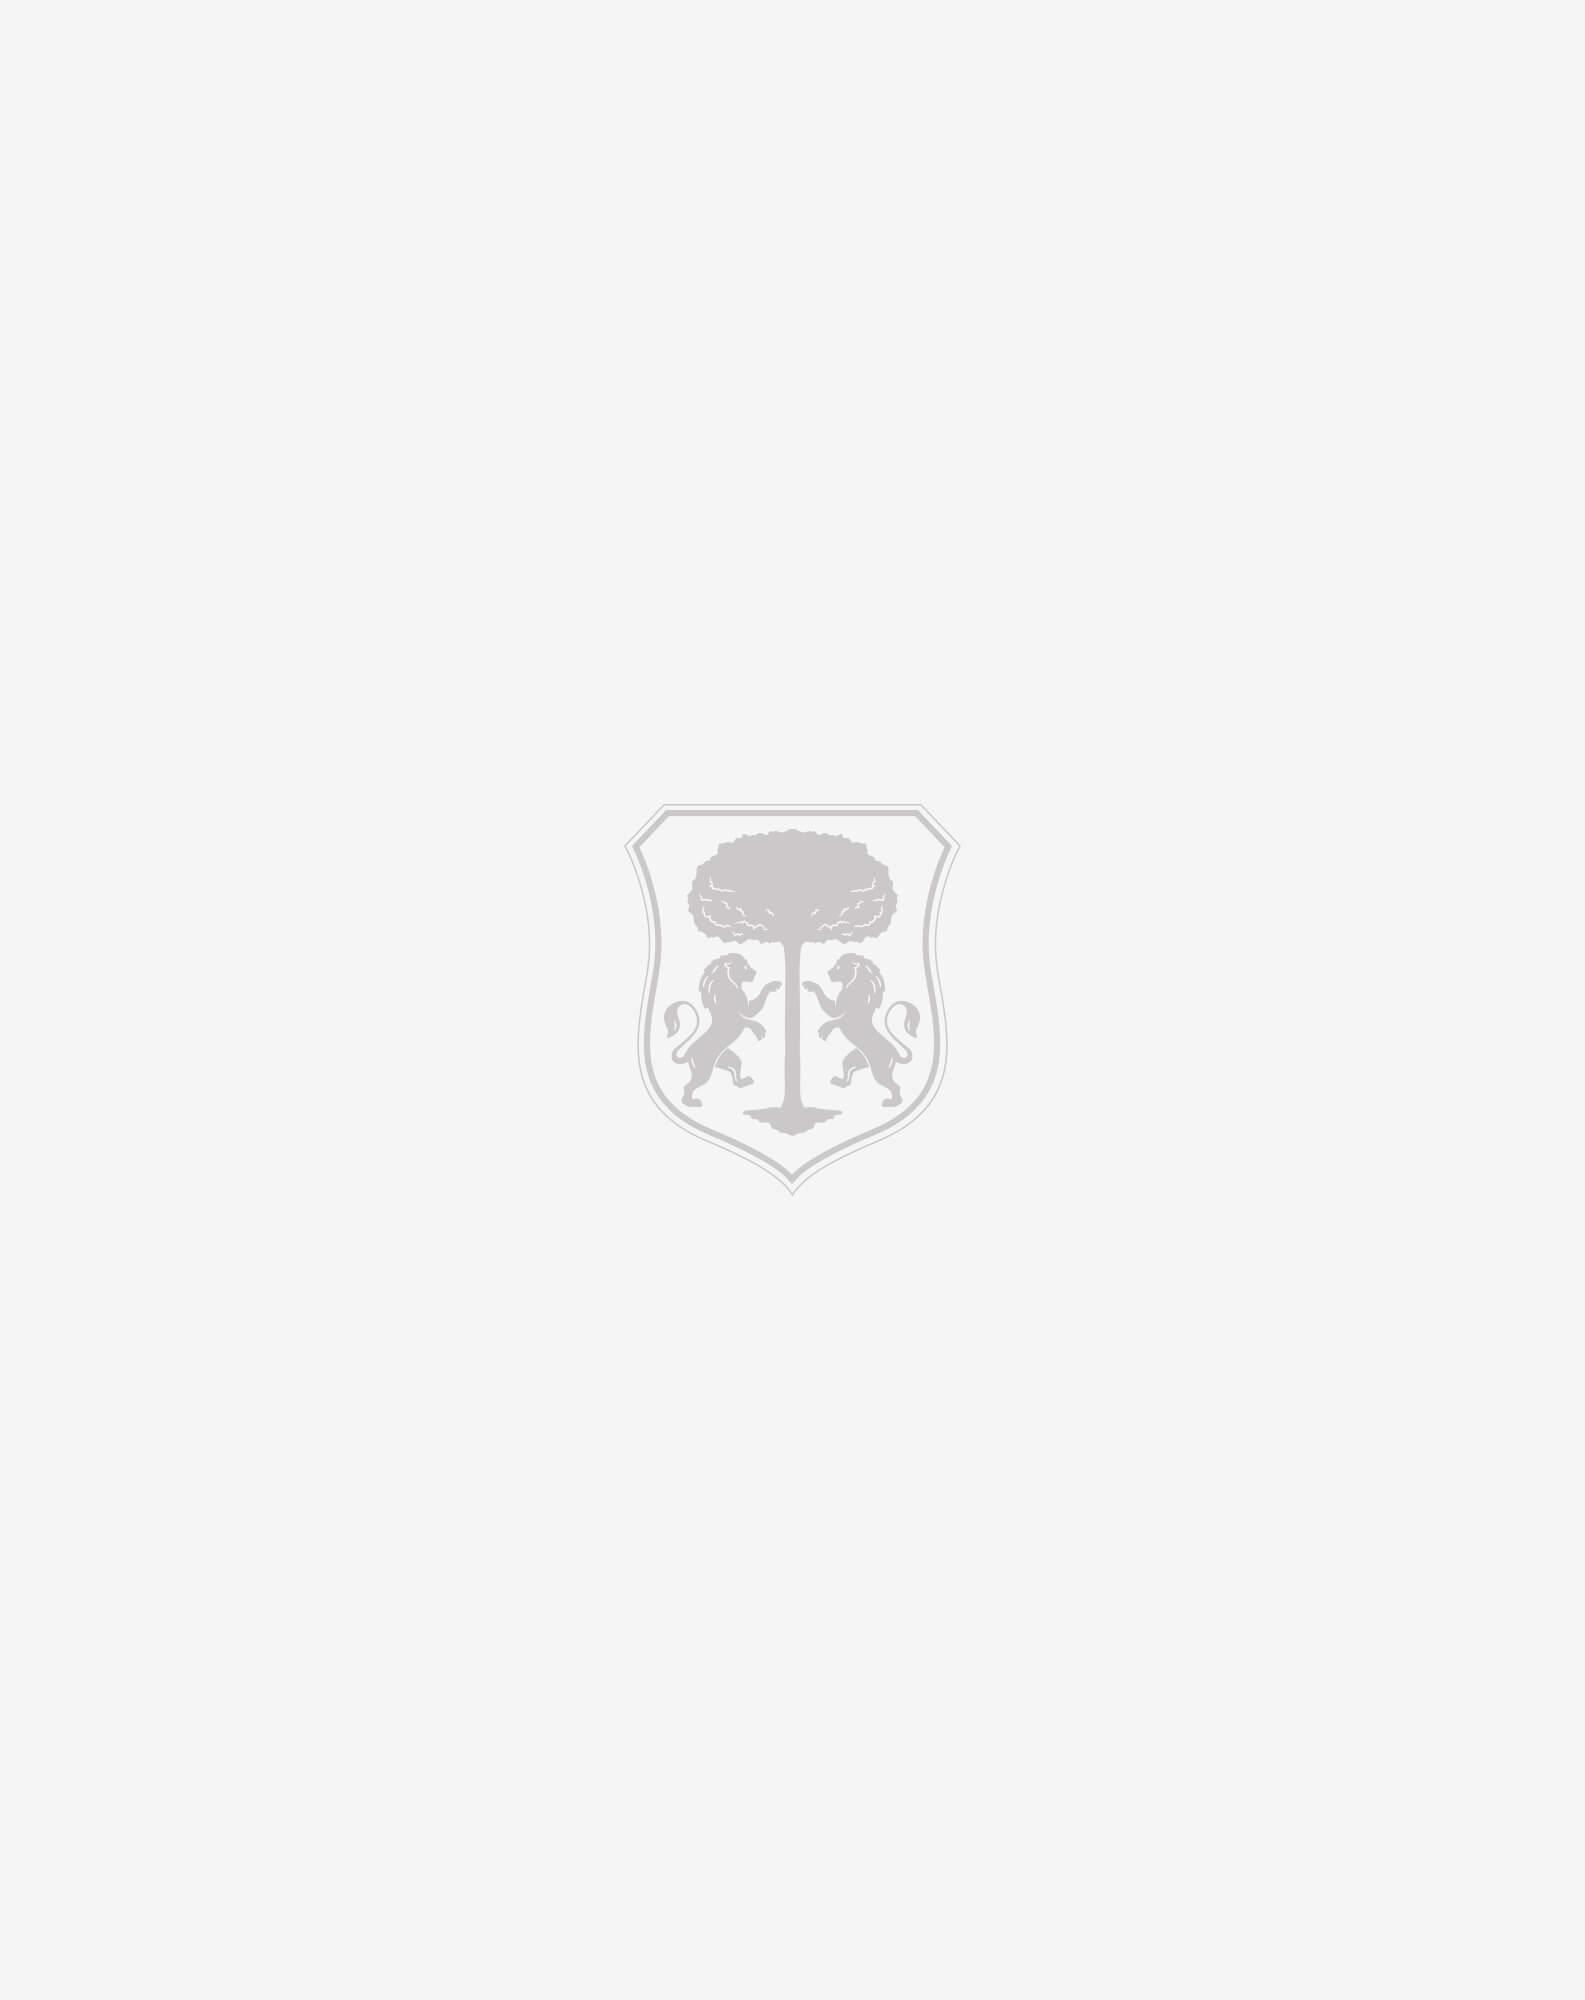 Pochette con microdisegno blu e marrone